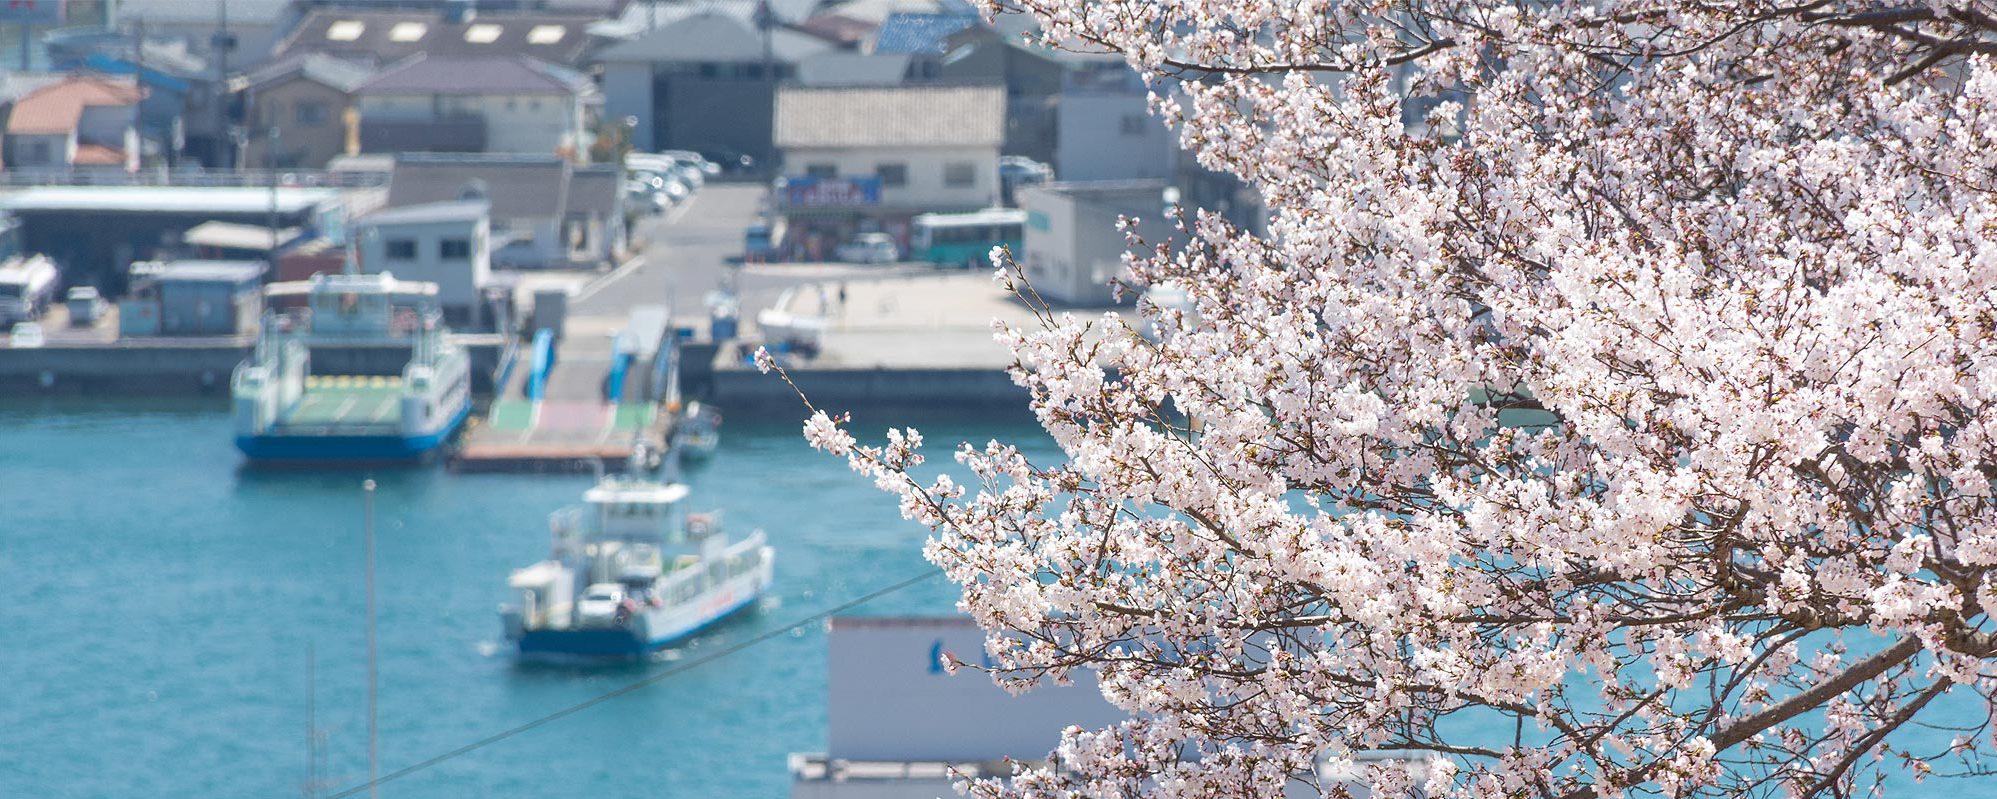 千光寺公園から見る桜越しの風景